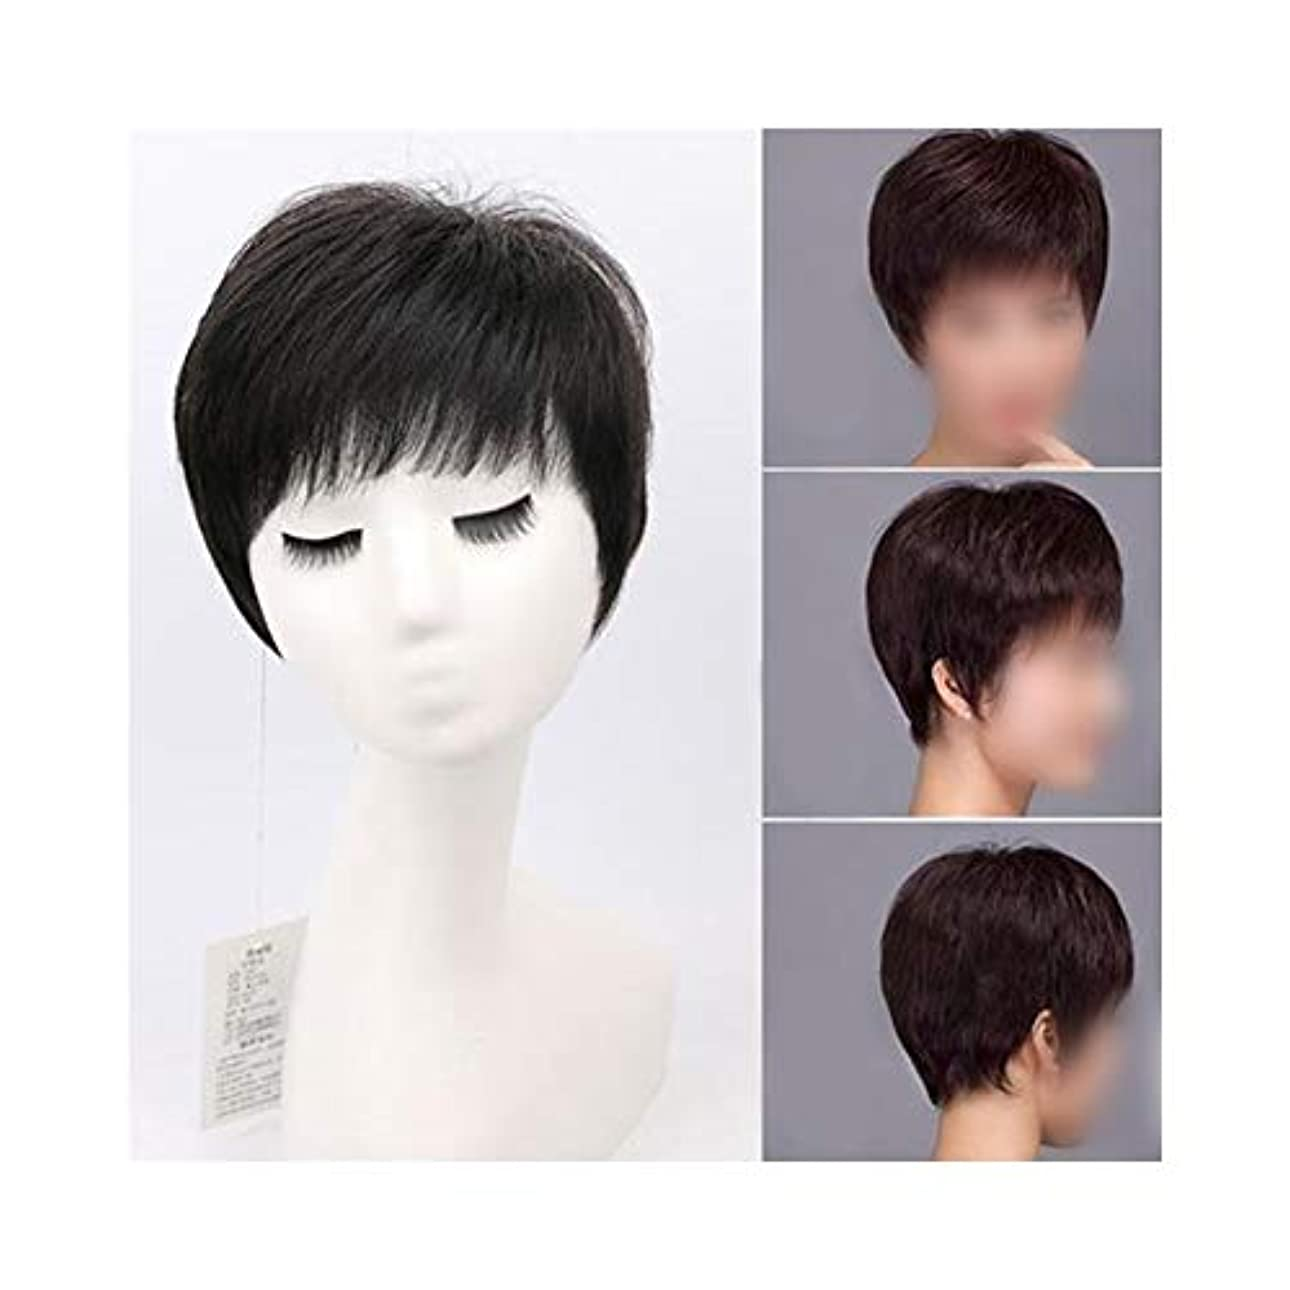 すき下向き問題YOUQIU 女性のための空気中前髪と古いウィッグナチュラル現実的なかつらを持つ実髪ショートストレートヘアー (色 : Dark brown)